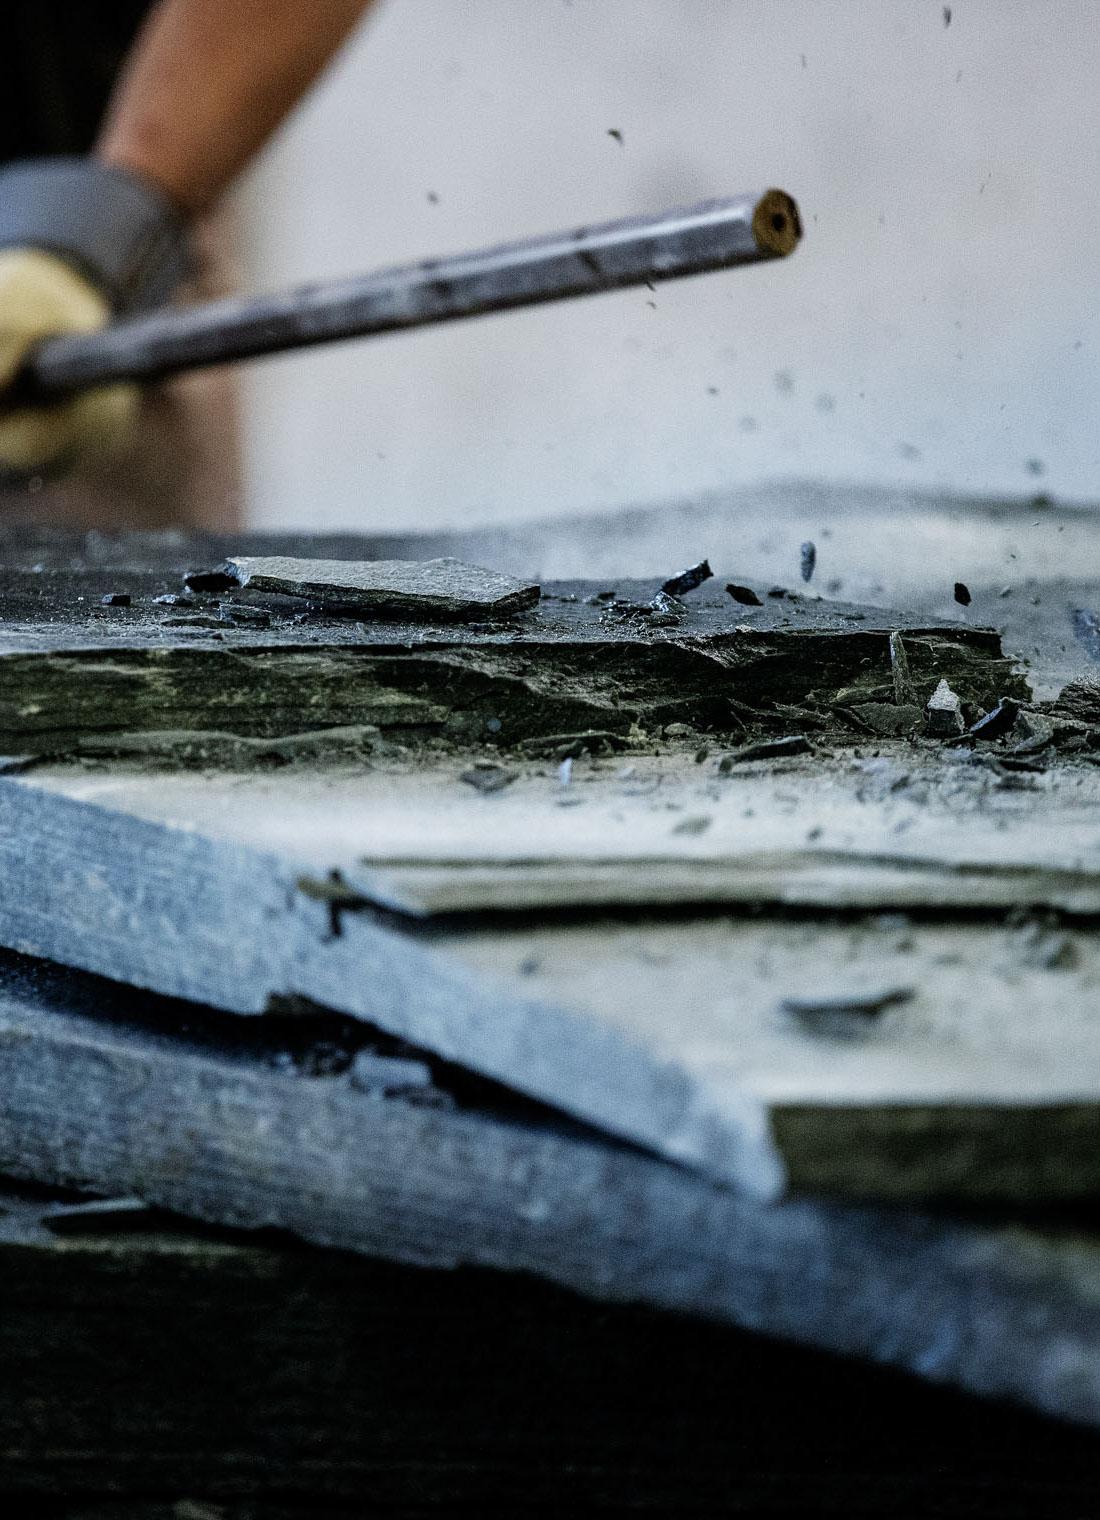 En steinhugger hos skiferprodusenten Minera Skifer som slår med et spett (kalt sveiping) på en skiferplate av Offerdalskifer